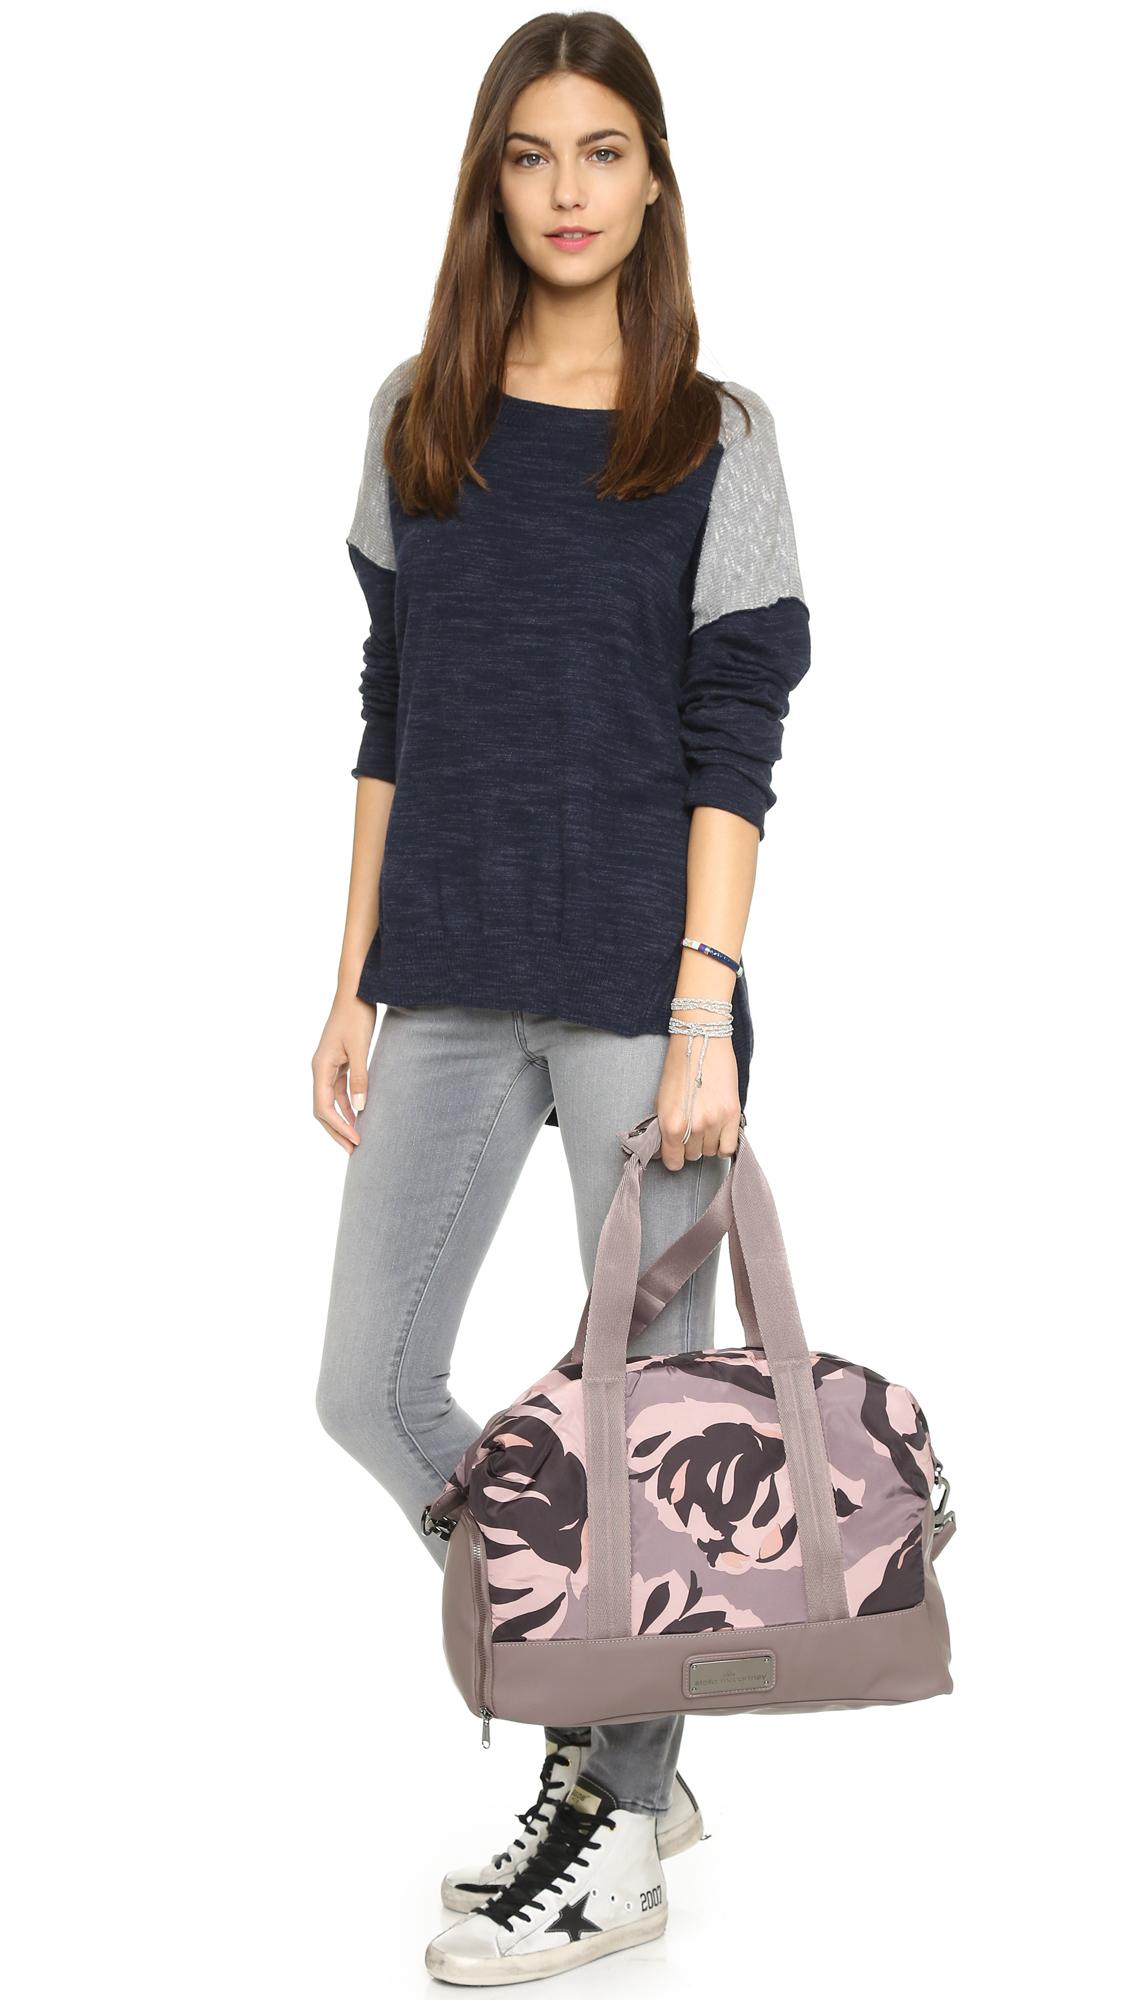 e1190aba8f59 Lyst - adidas By Stella McCartney Small Gym Bag in Gray